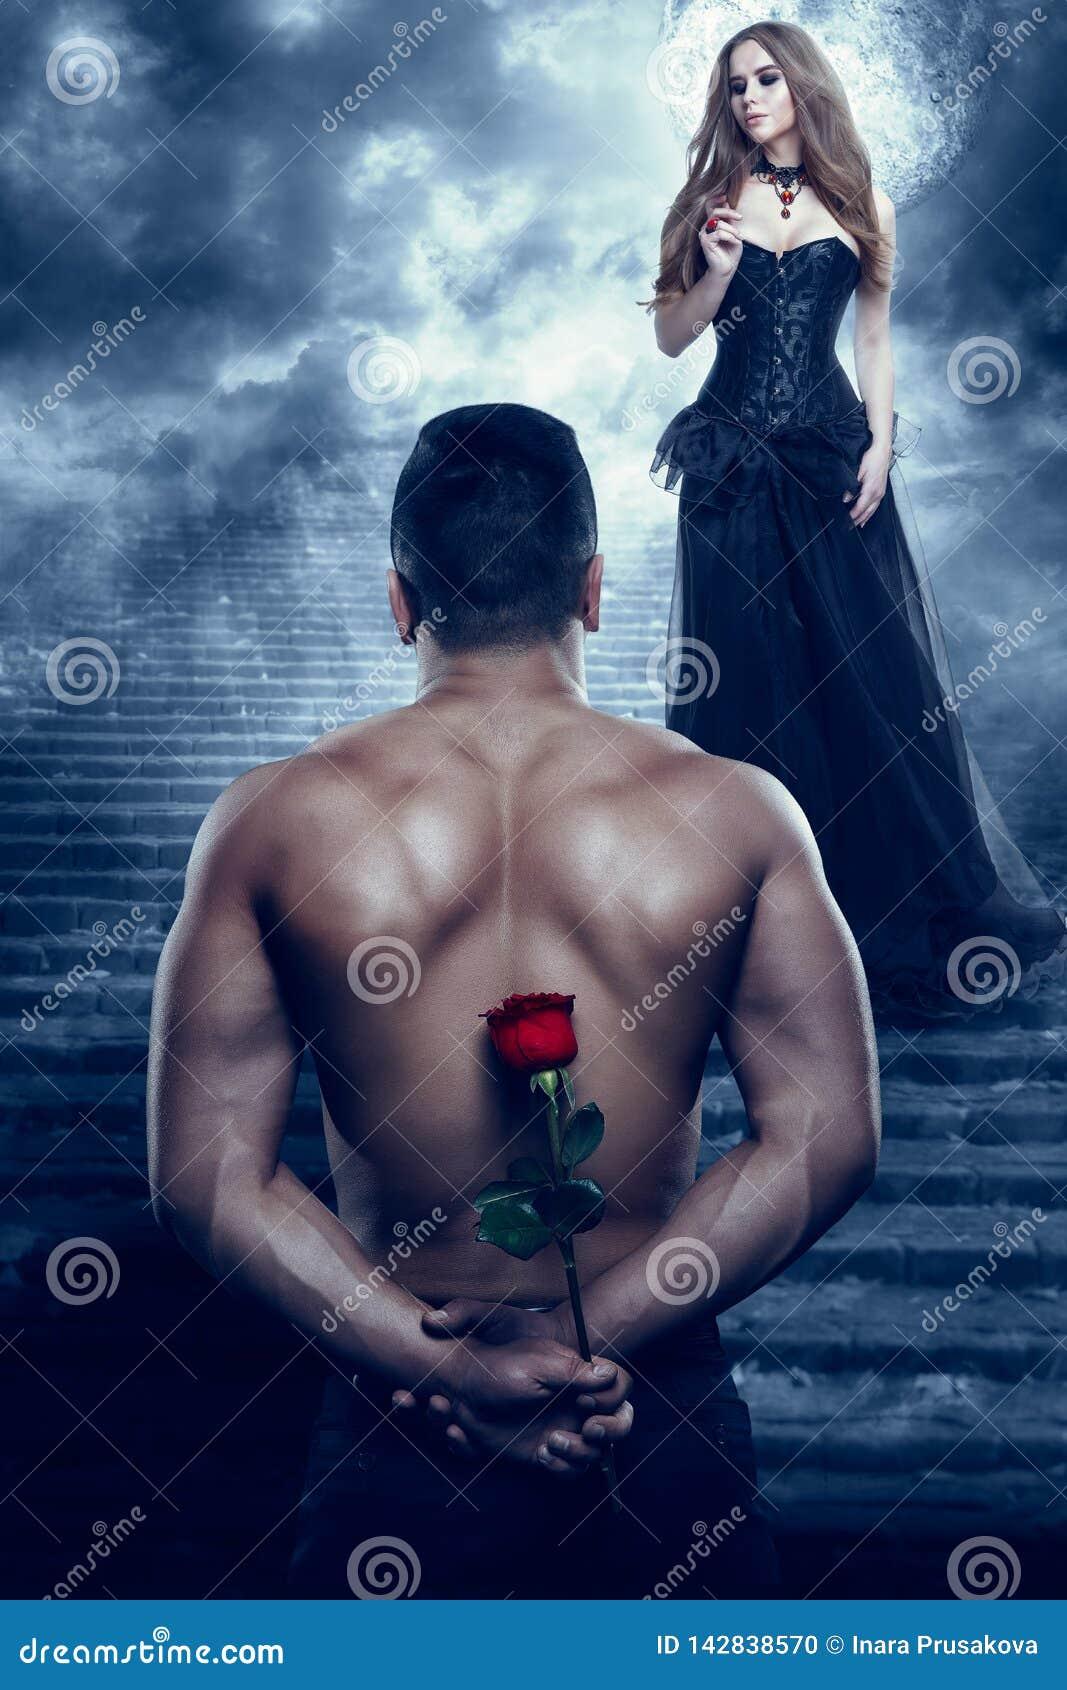 Het romantische Paar, Man geeft Bloem aan Mooie Vrouw, nam de Sexy Minnaar Atletische Holding toe